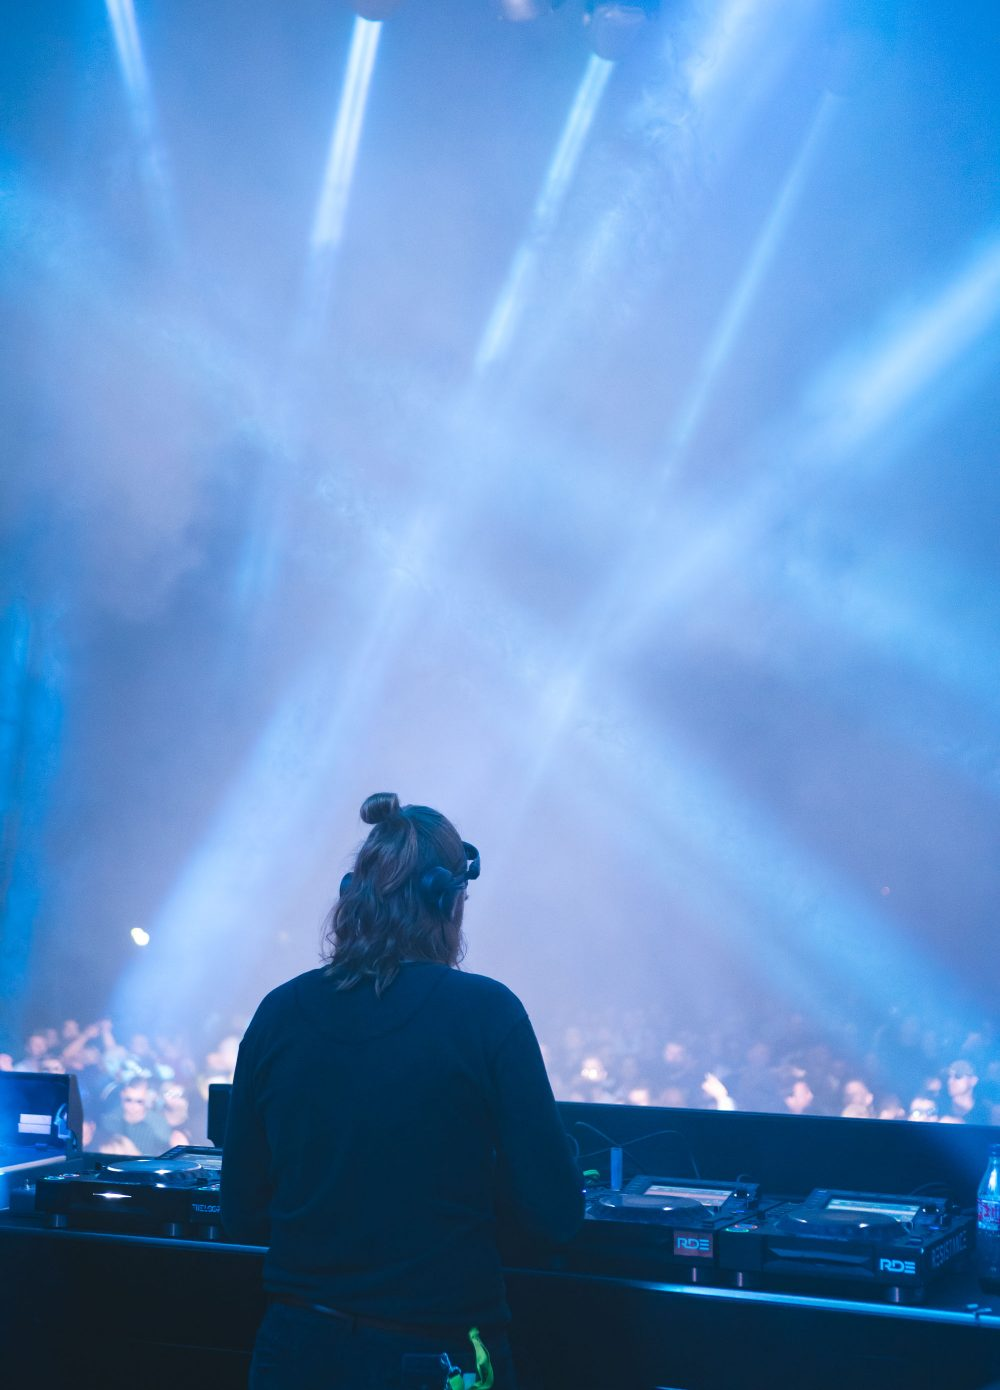 Instytut Festival 2019 zdjęcia relacja twierdza modlin